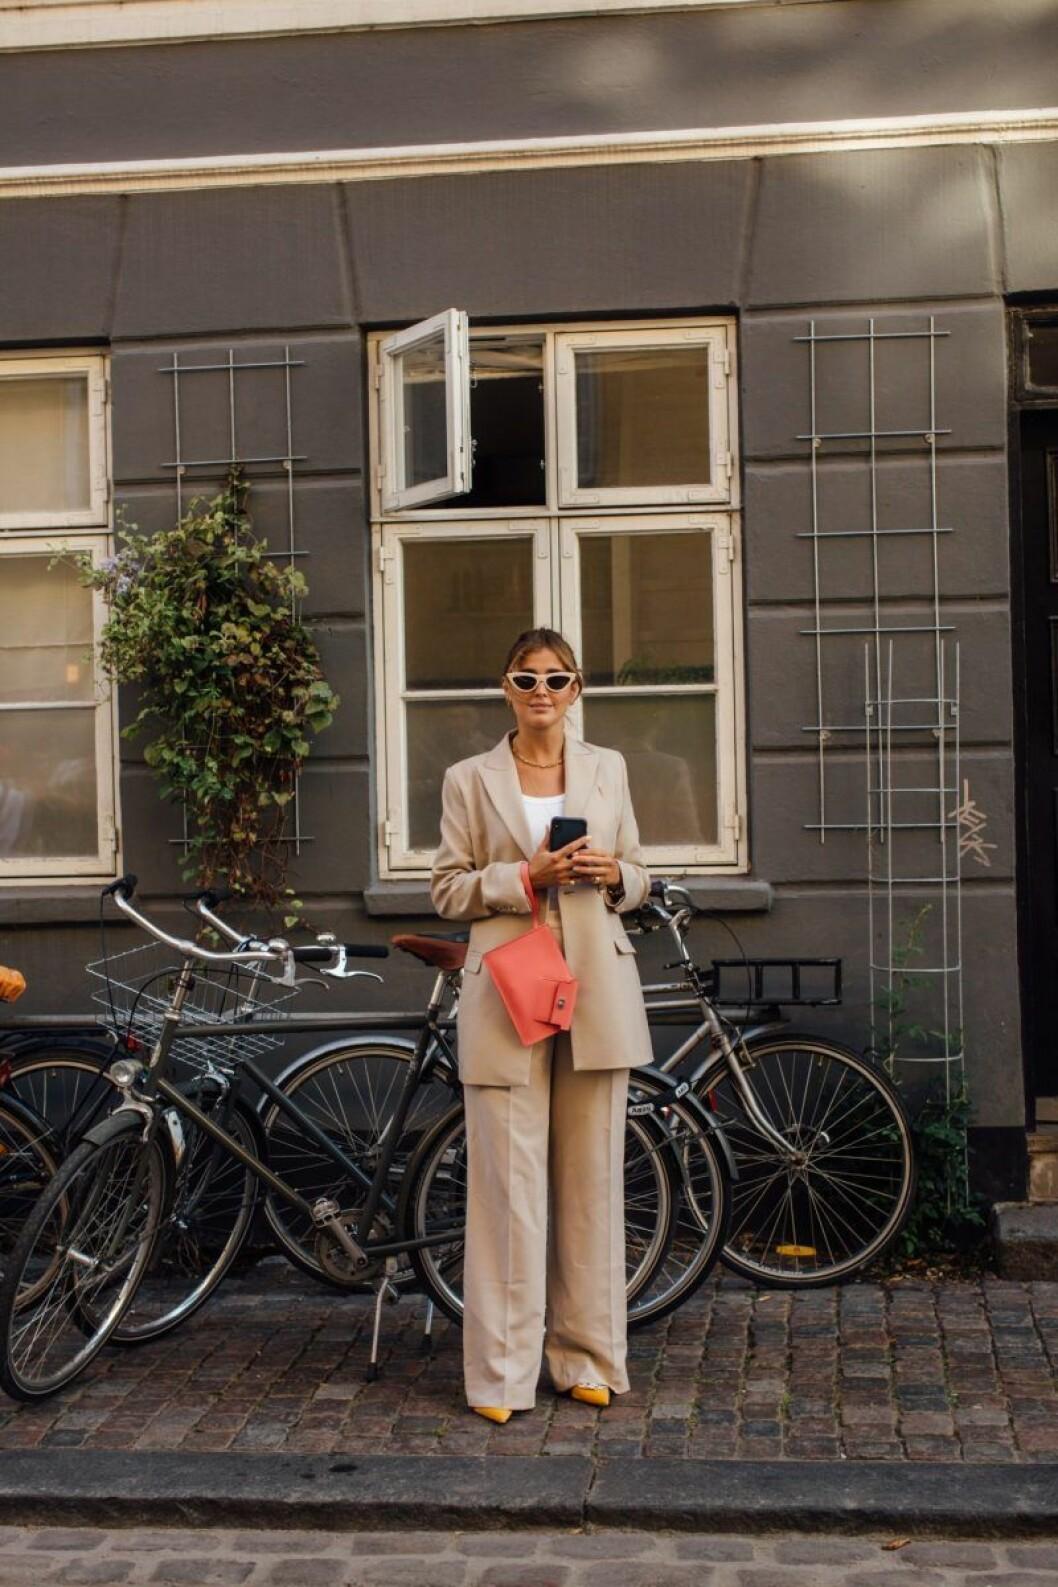 Kostymen gör det enkelt att bära ton-i-ton, addera accessoarer i liknande nyans för en komplett look.